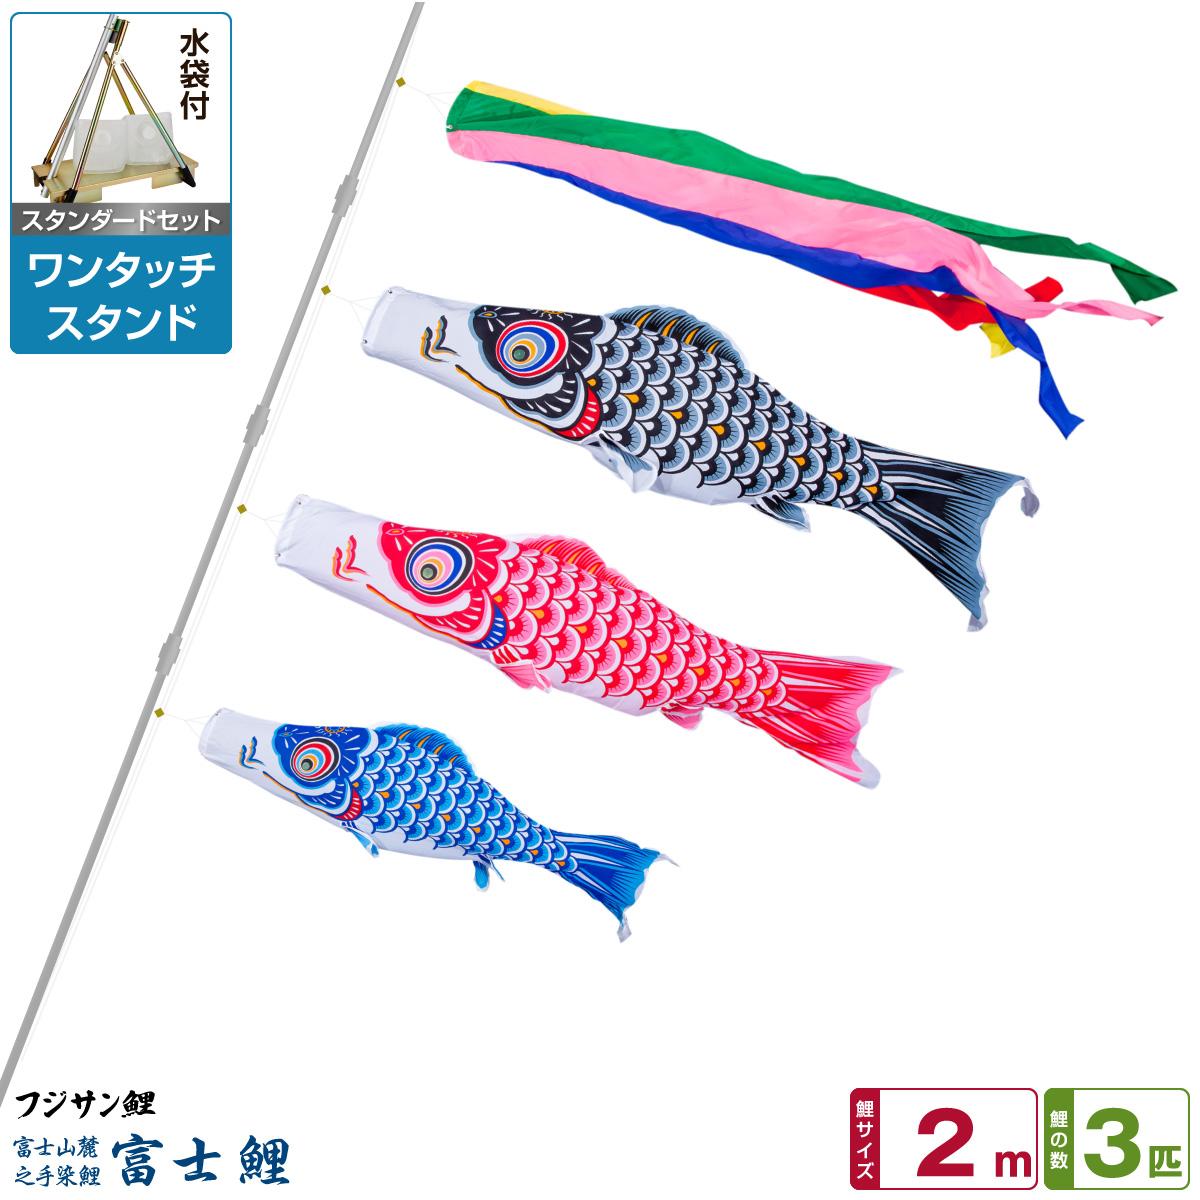 ベランダ用 こいのぼり 鯉のぼり フジサン鯉 富士鯉 2m 6点(吹流し+鯉3匹+矢車+ロープ)/スタンダードセット(ワンタッチスタンド)